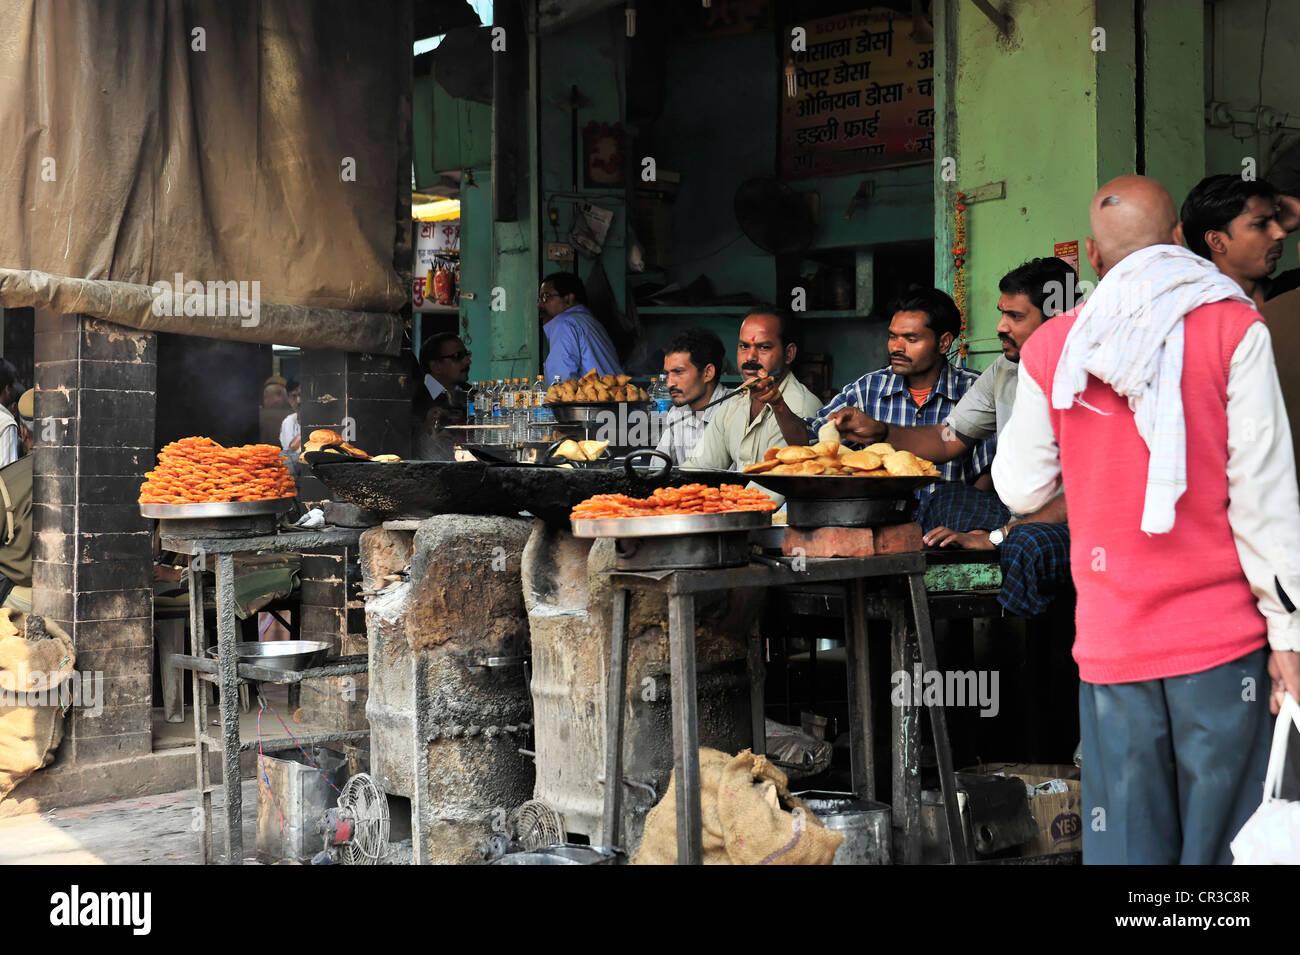 Indian Restaurant West India Quay